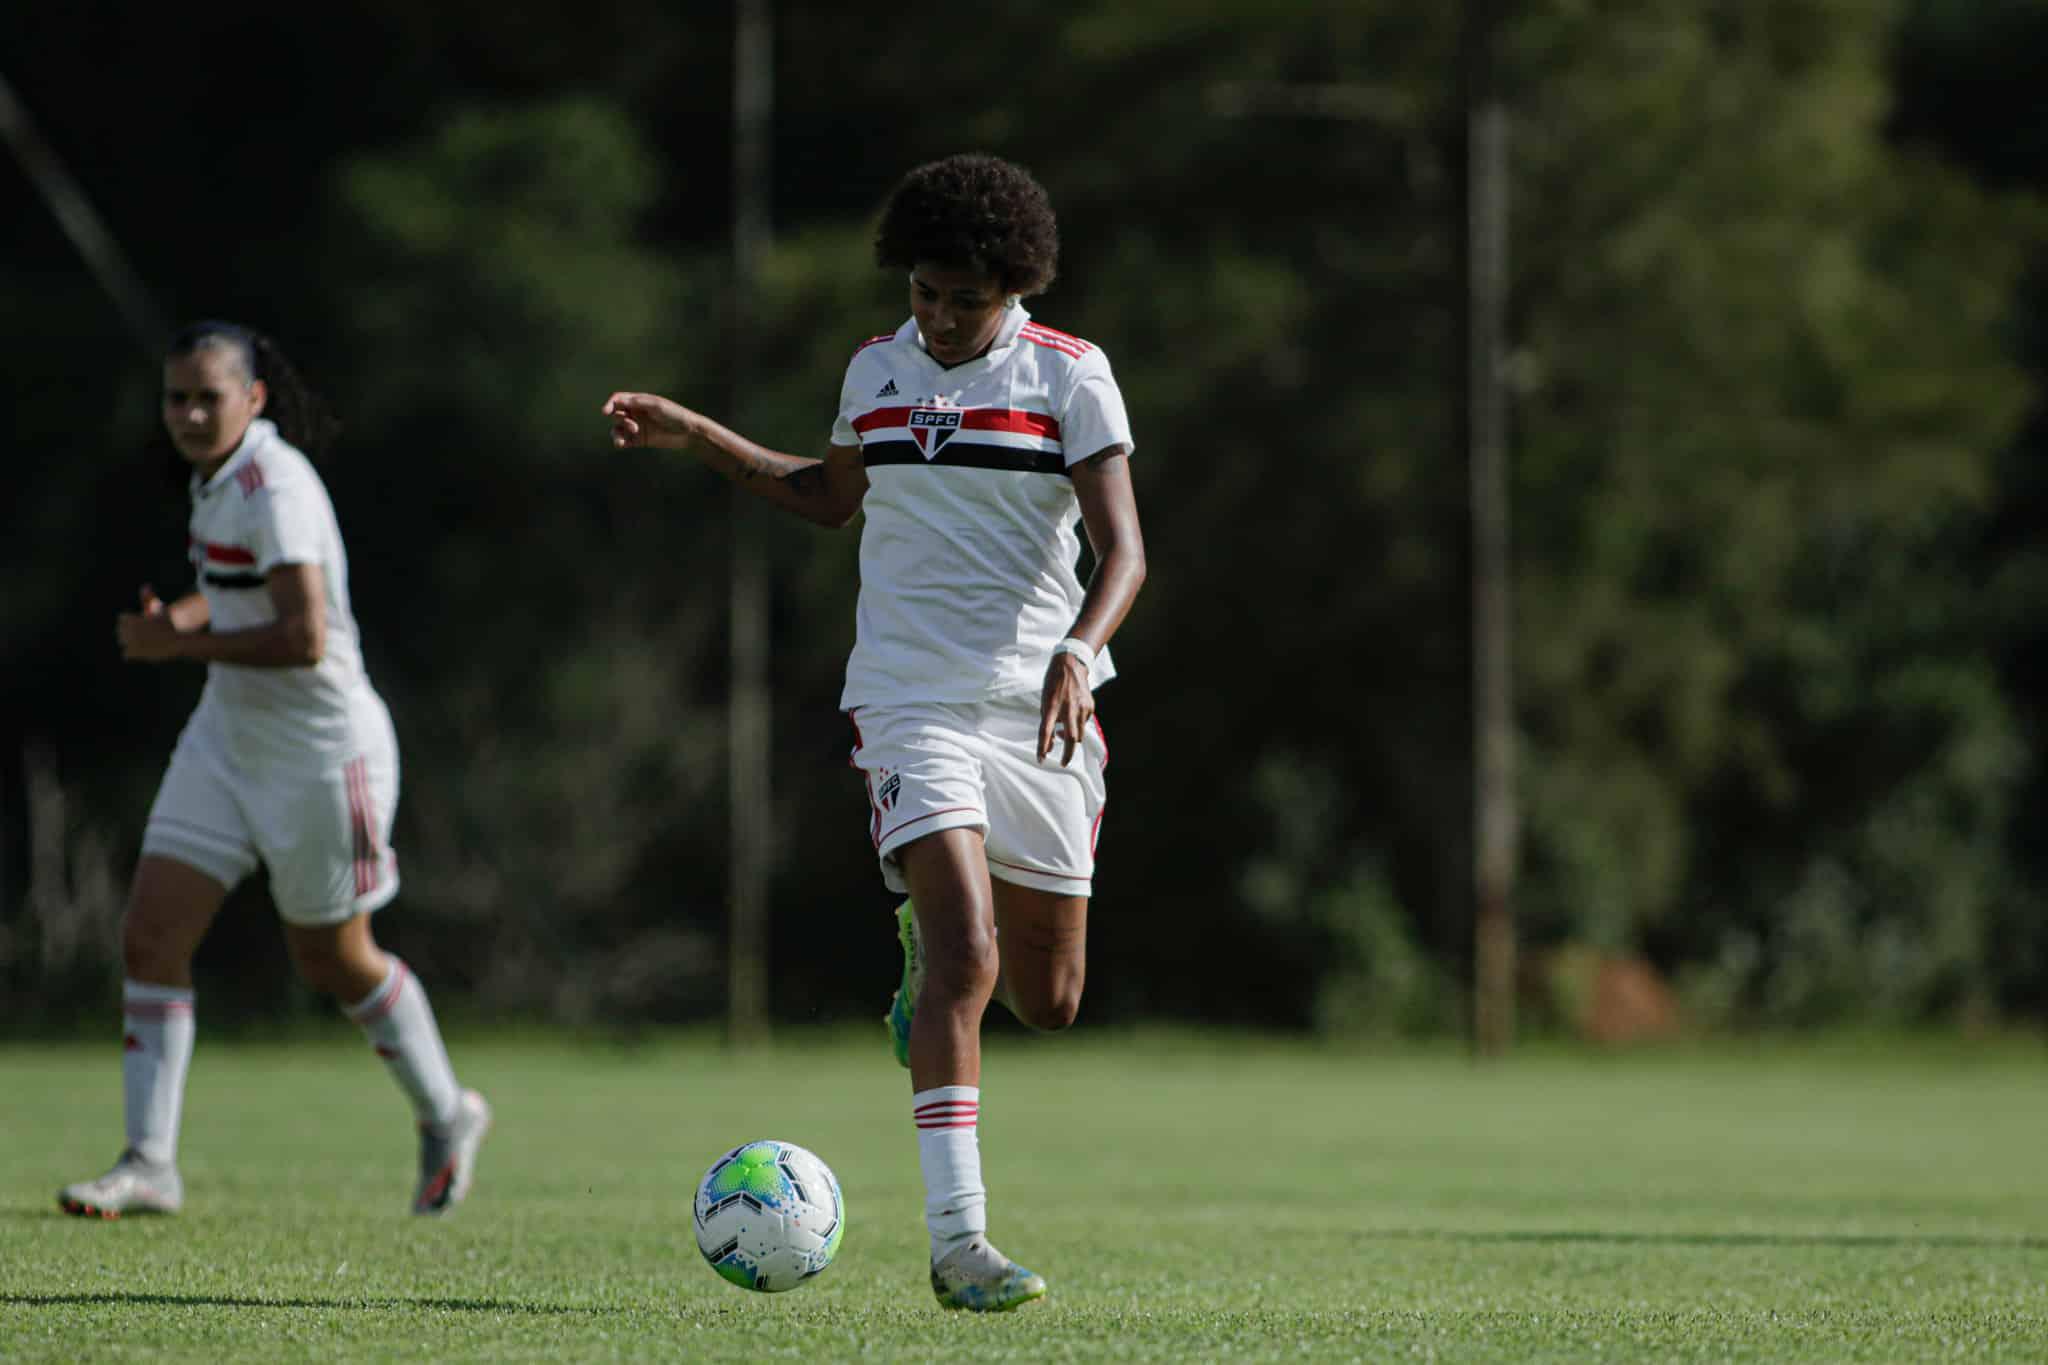 São Paulo Fluminense Grêmio Corinthians Grupo B Brasileiro Sub-18 futebol feminino